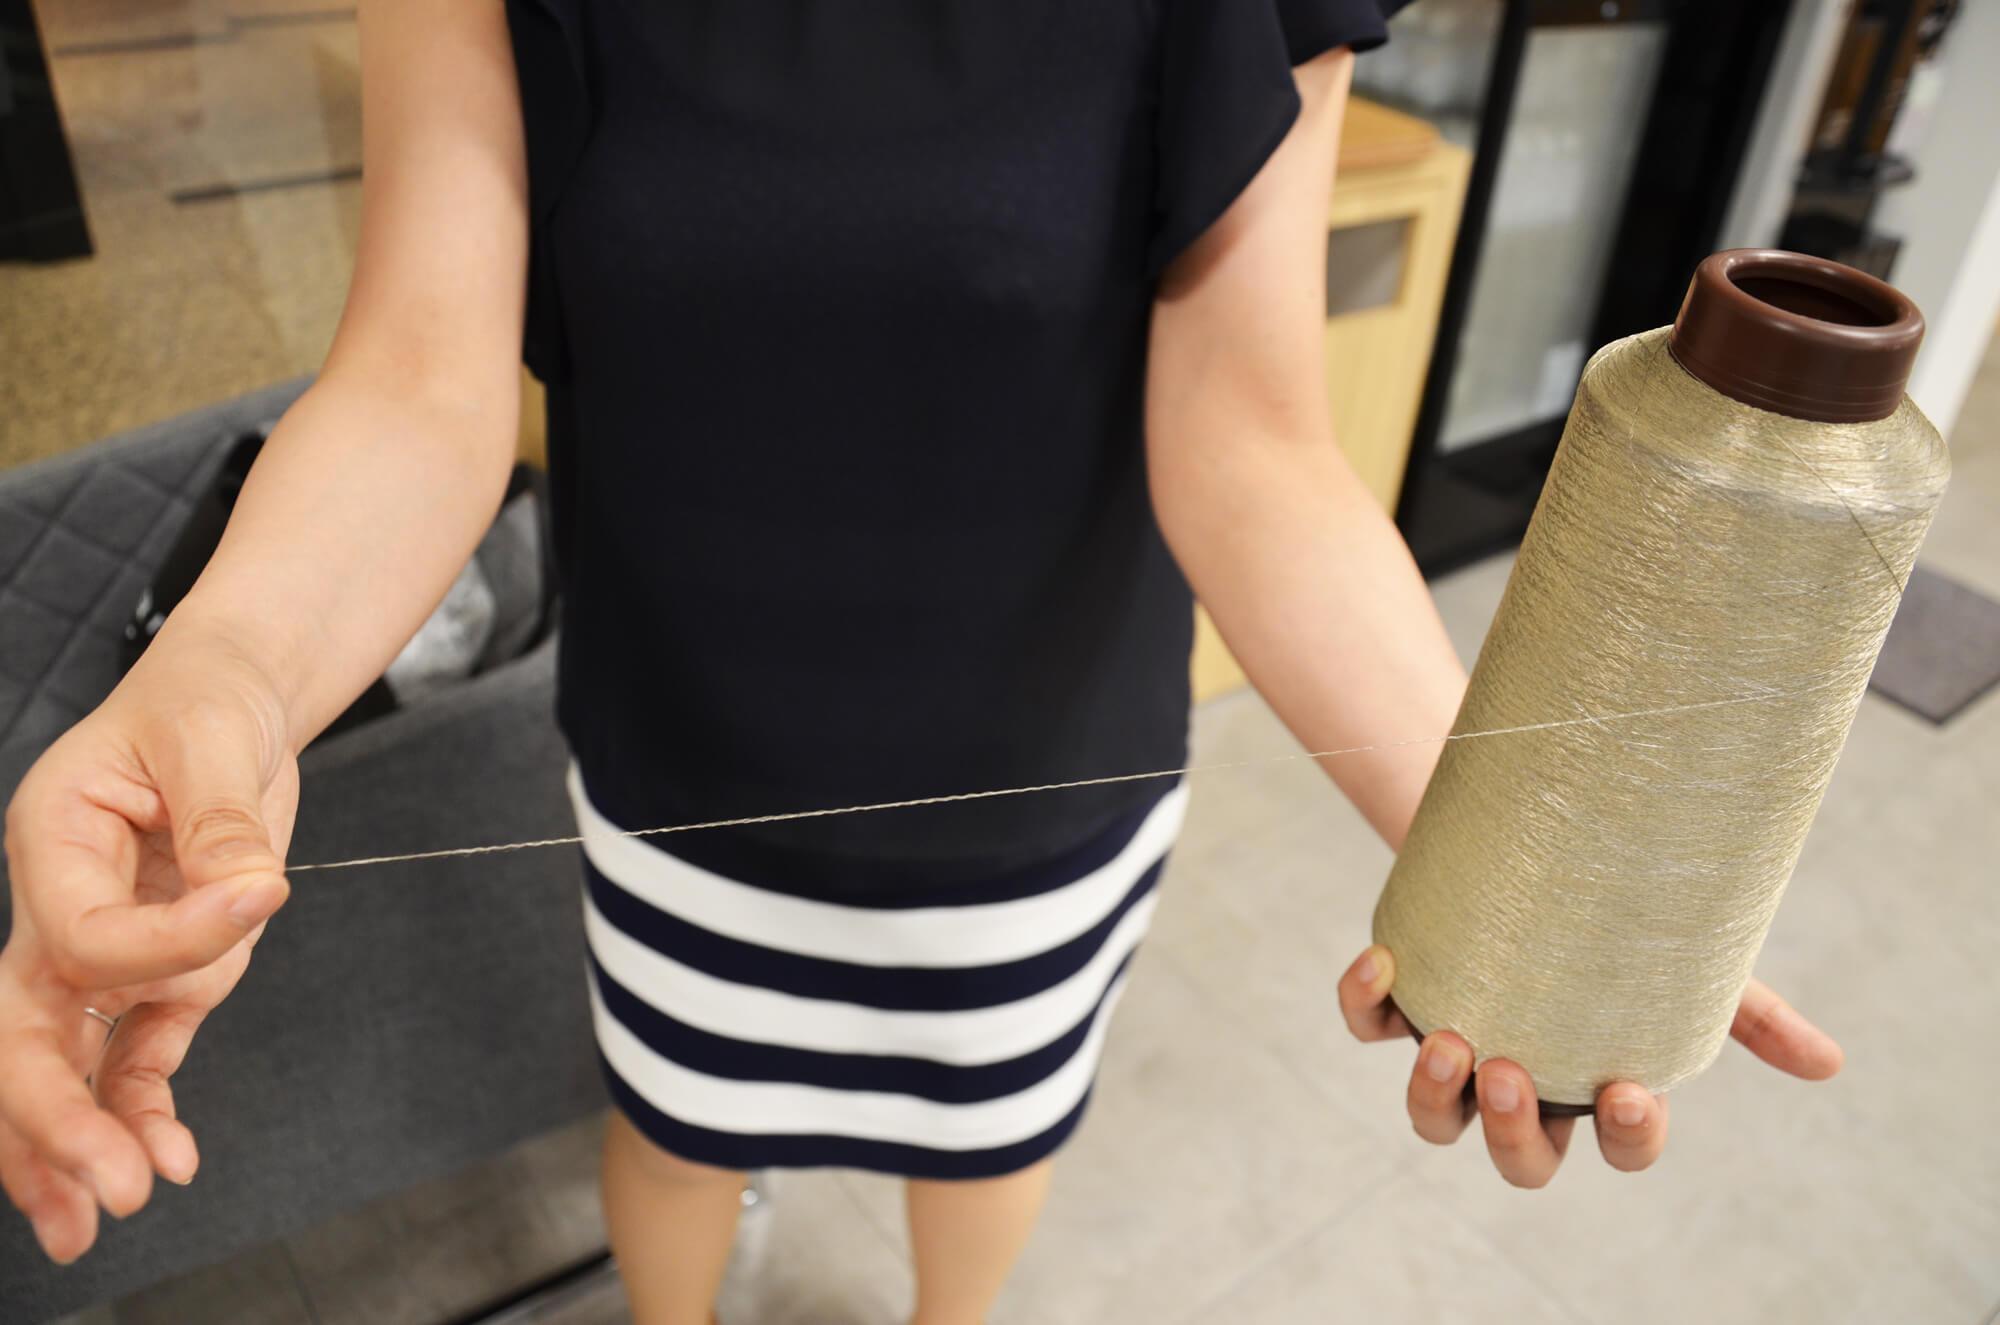 ミツフジ独自の導電性銀繊維「AGposs」。銀メッキ加工が施されているが、手触りは普通の糸と変わりない